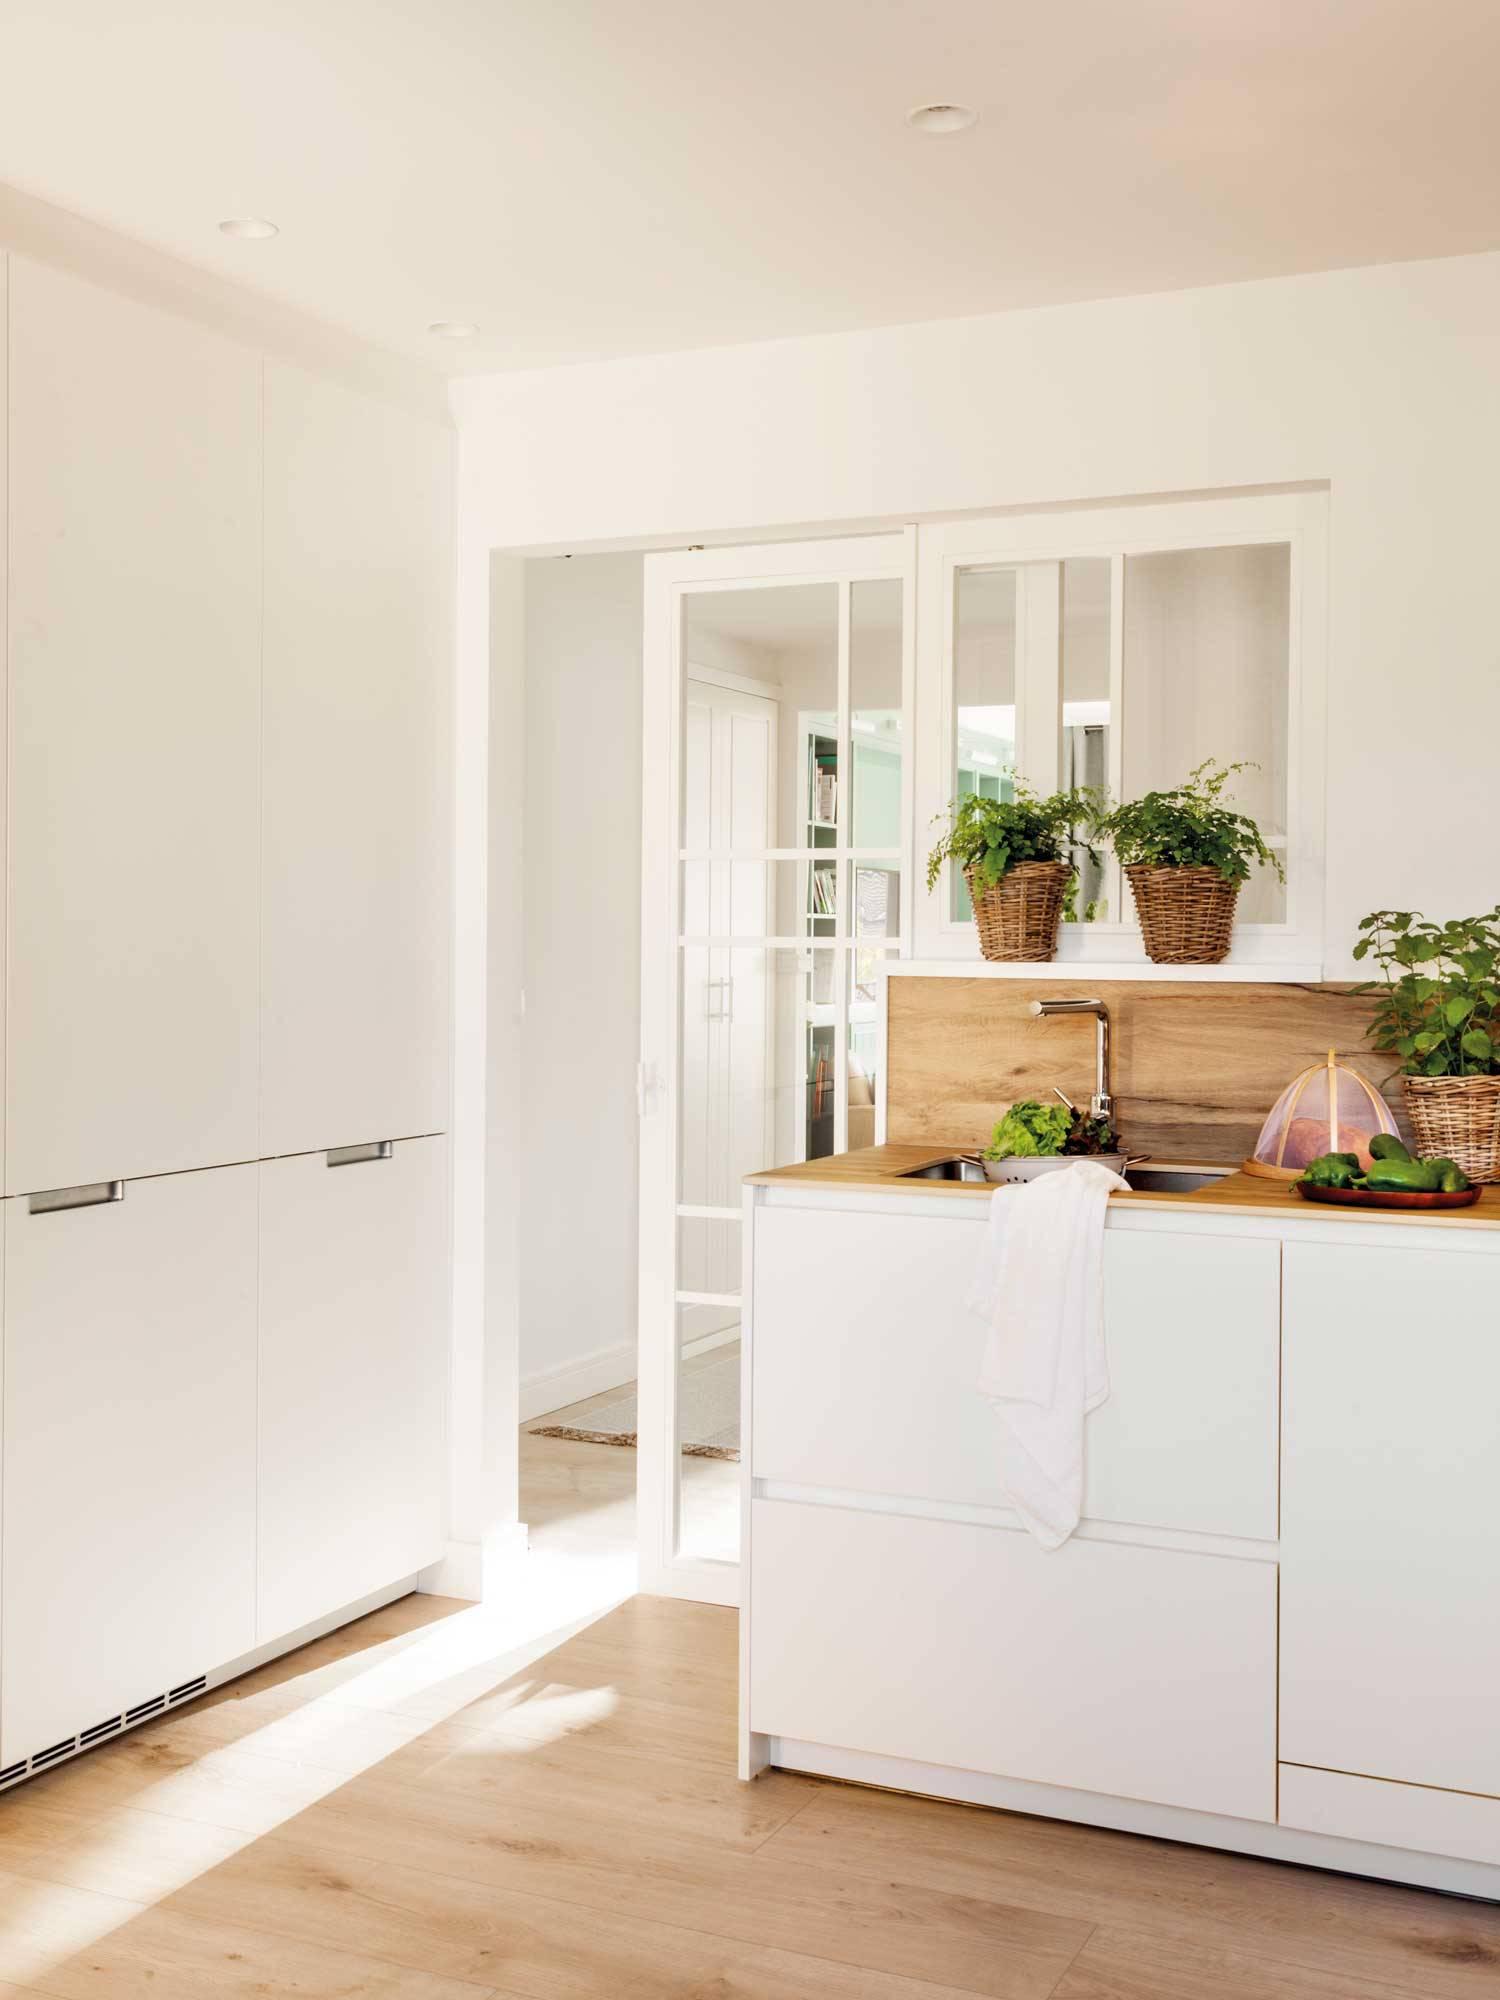 cucina-bianco-mobile-e-legno-pavimento 00515084. E se avete il parquet o il laminato...